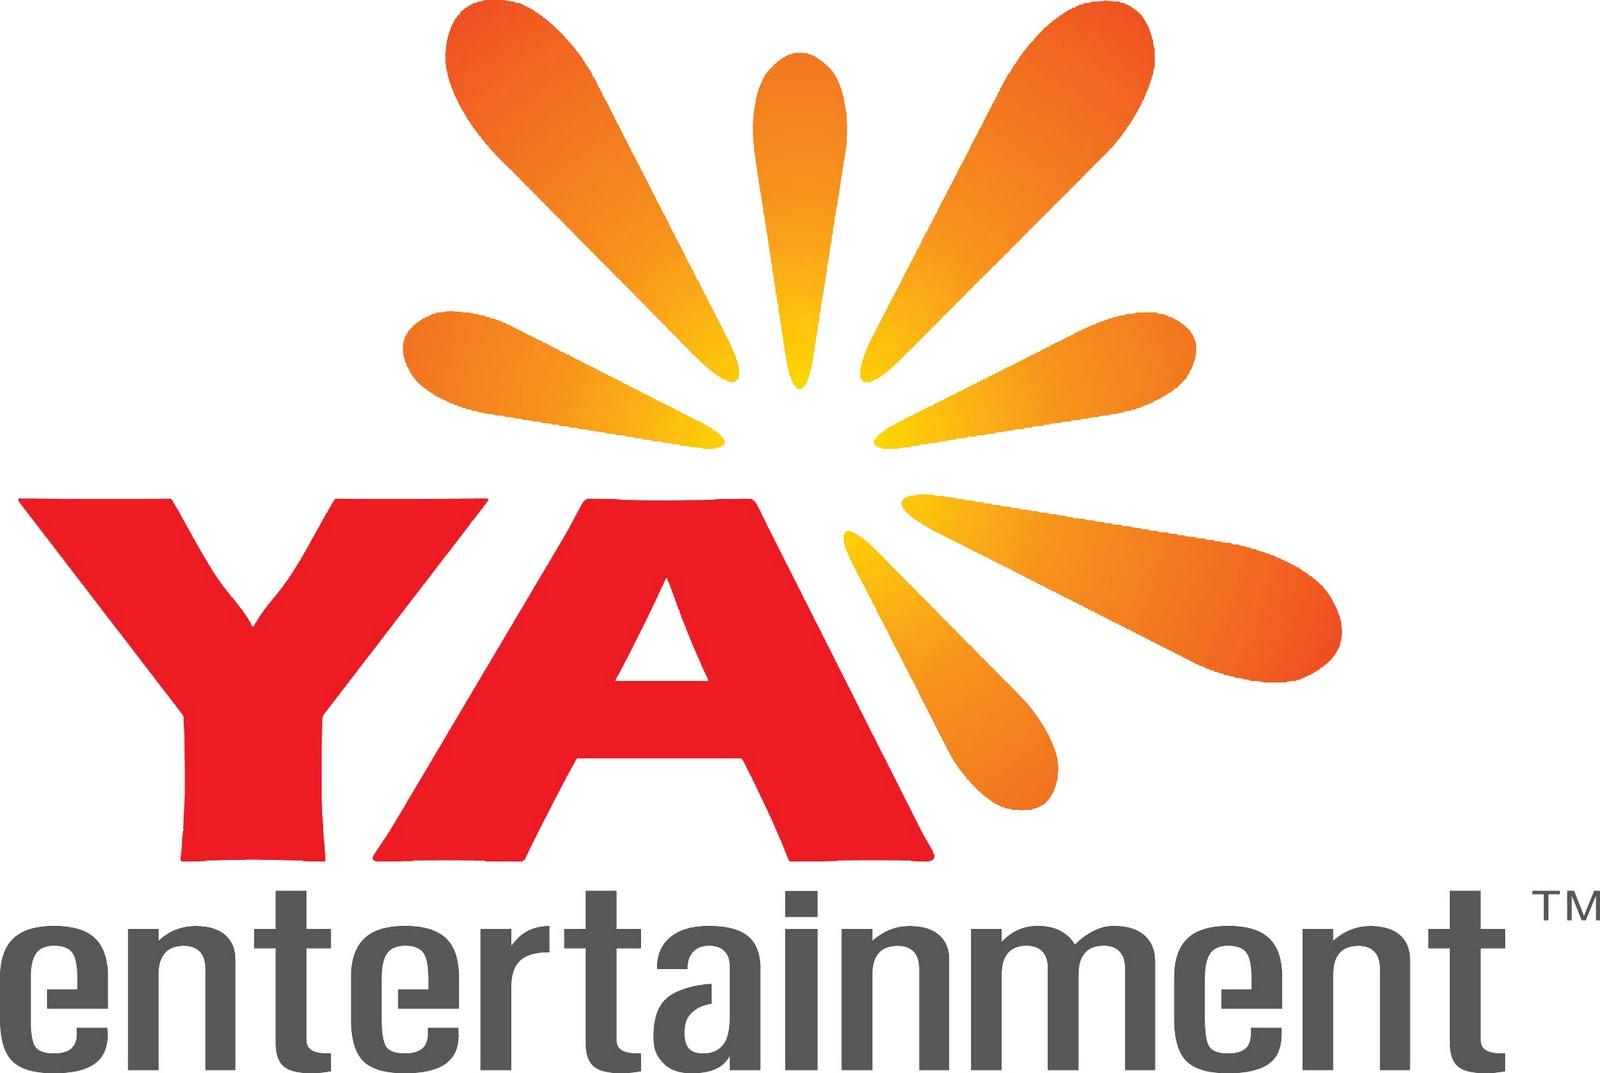 Entertainment Logos & Designs: 10 Attractive Entertainment ...